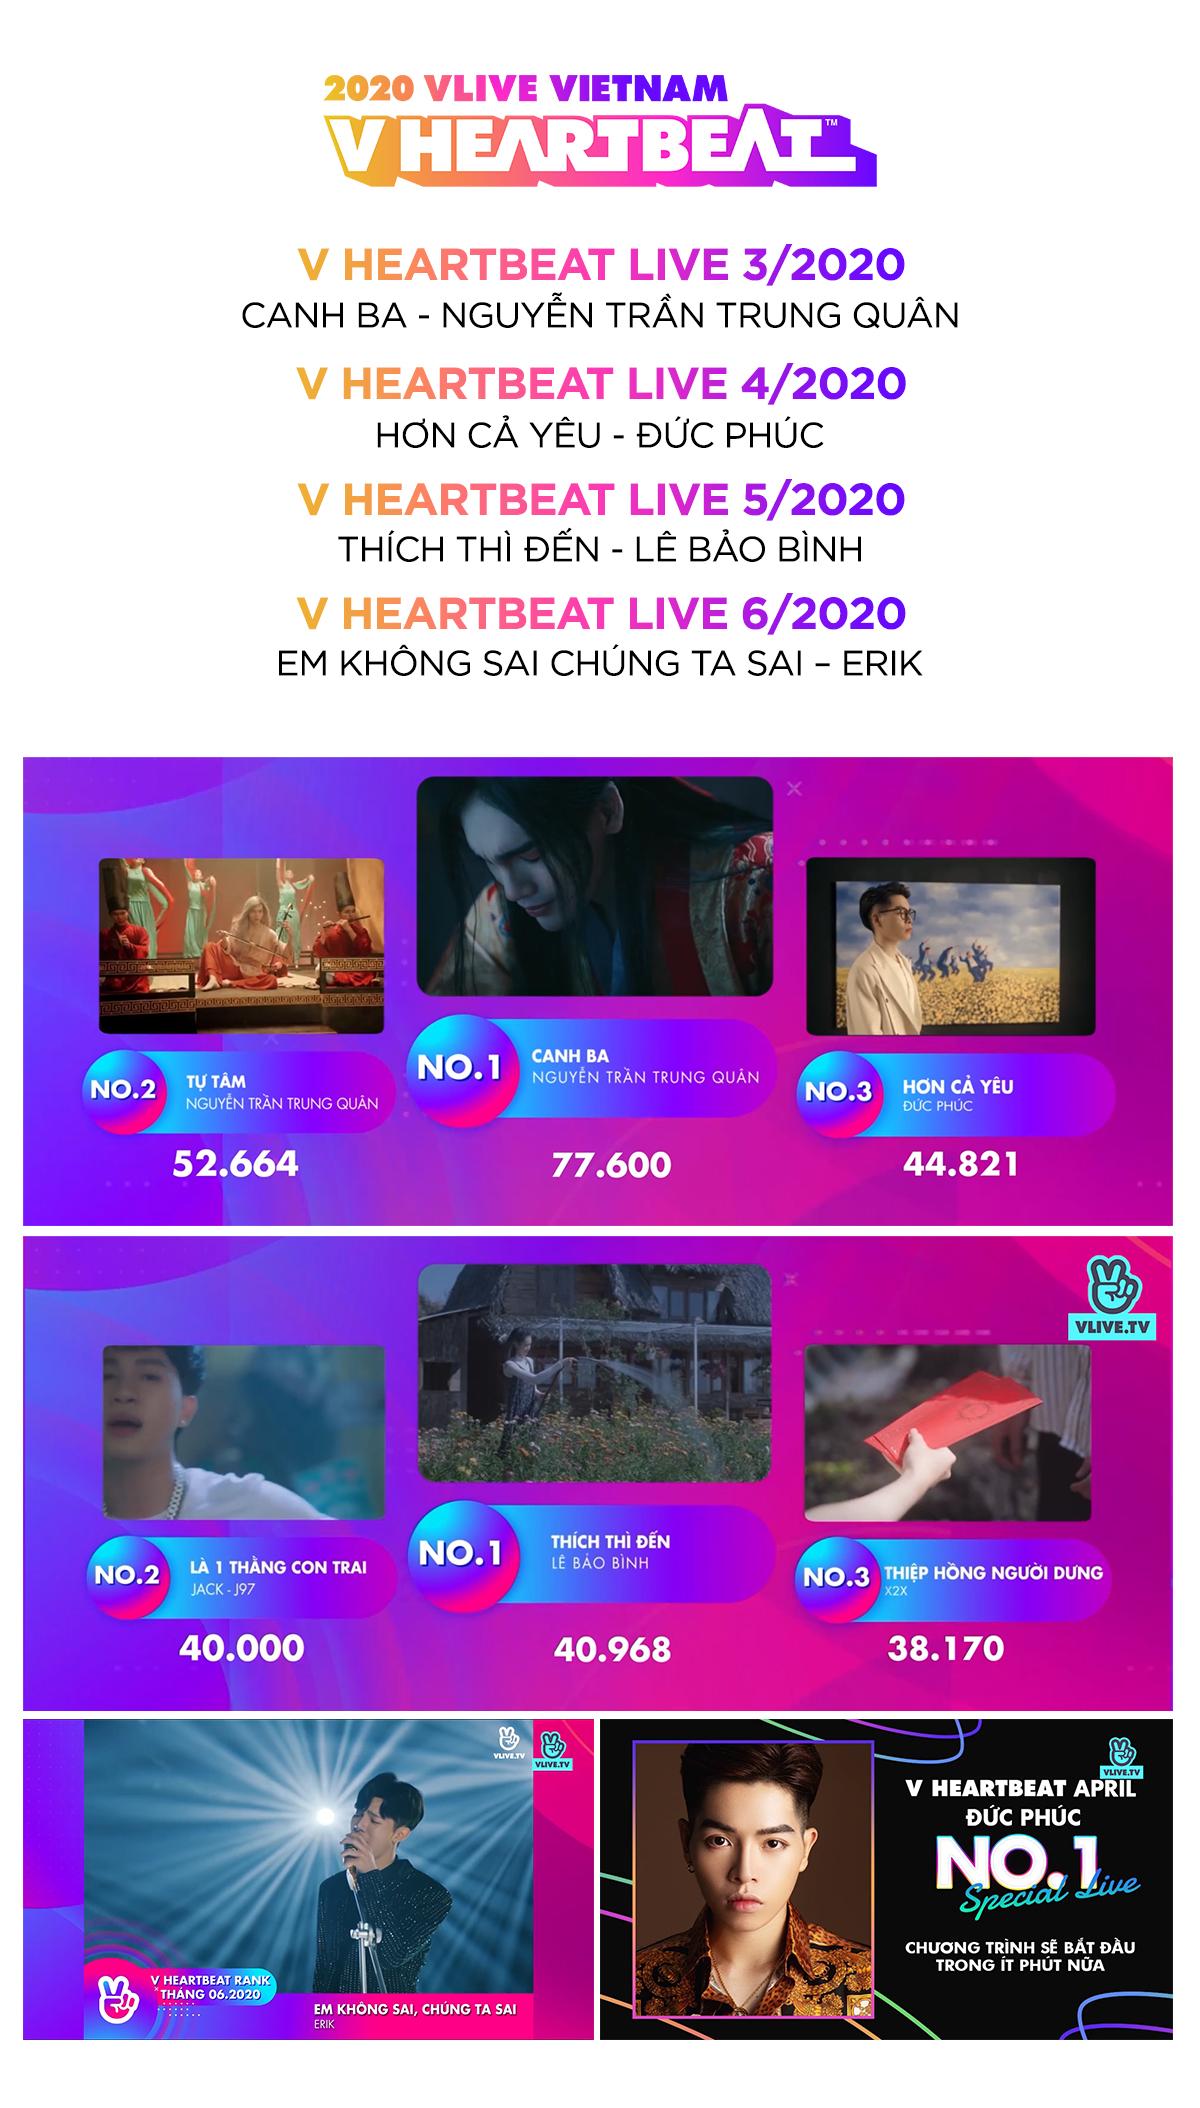 V Heartbeat Rank: Bảng xếp hạng âm nhạc đánh giá sự yêu thích của công chúng cho mỗi ca khúc chuẩn nhất tại Việt Nam? Ảnh 6